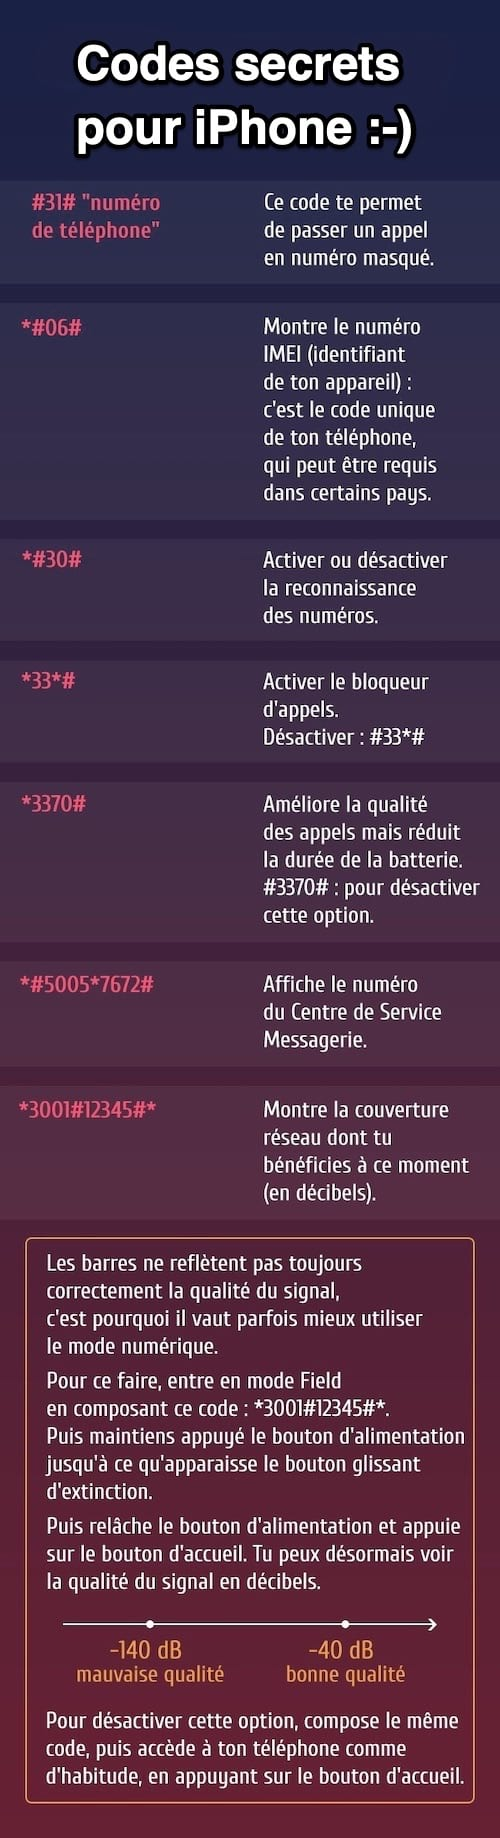 7 codes secrets pour iphone qui donnent accès à des fonctions cachées